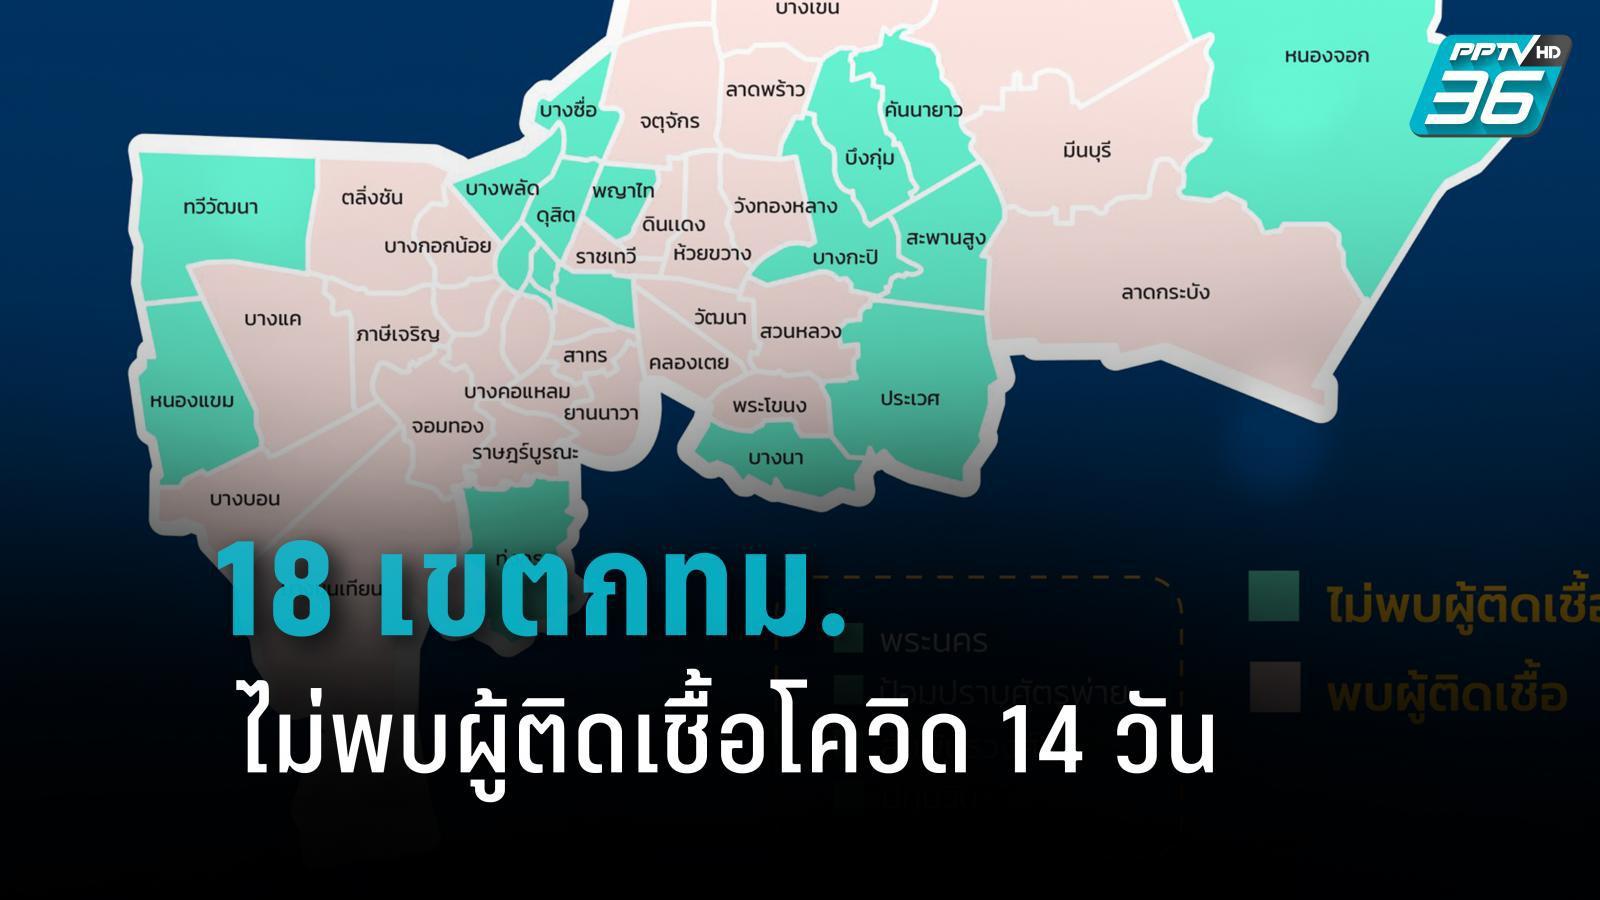 กทม.อัปเดตฯ 18 เขต ในกทม. ไม่พบผู้ติดเชื้อ 14 วัน